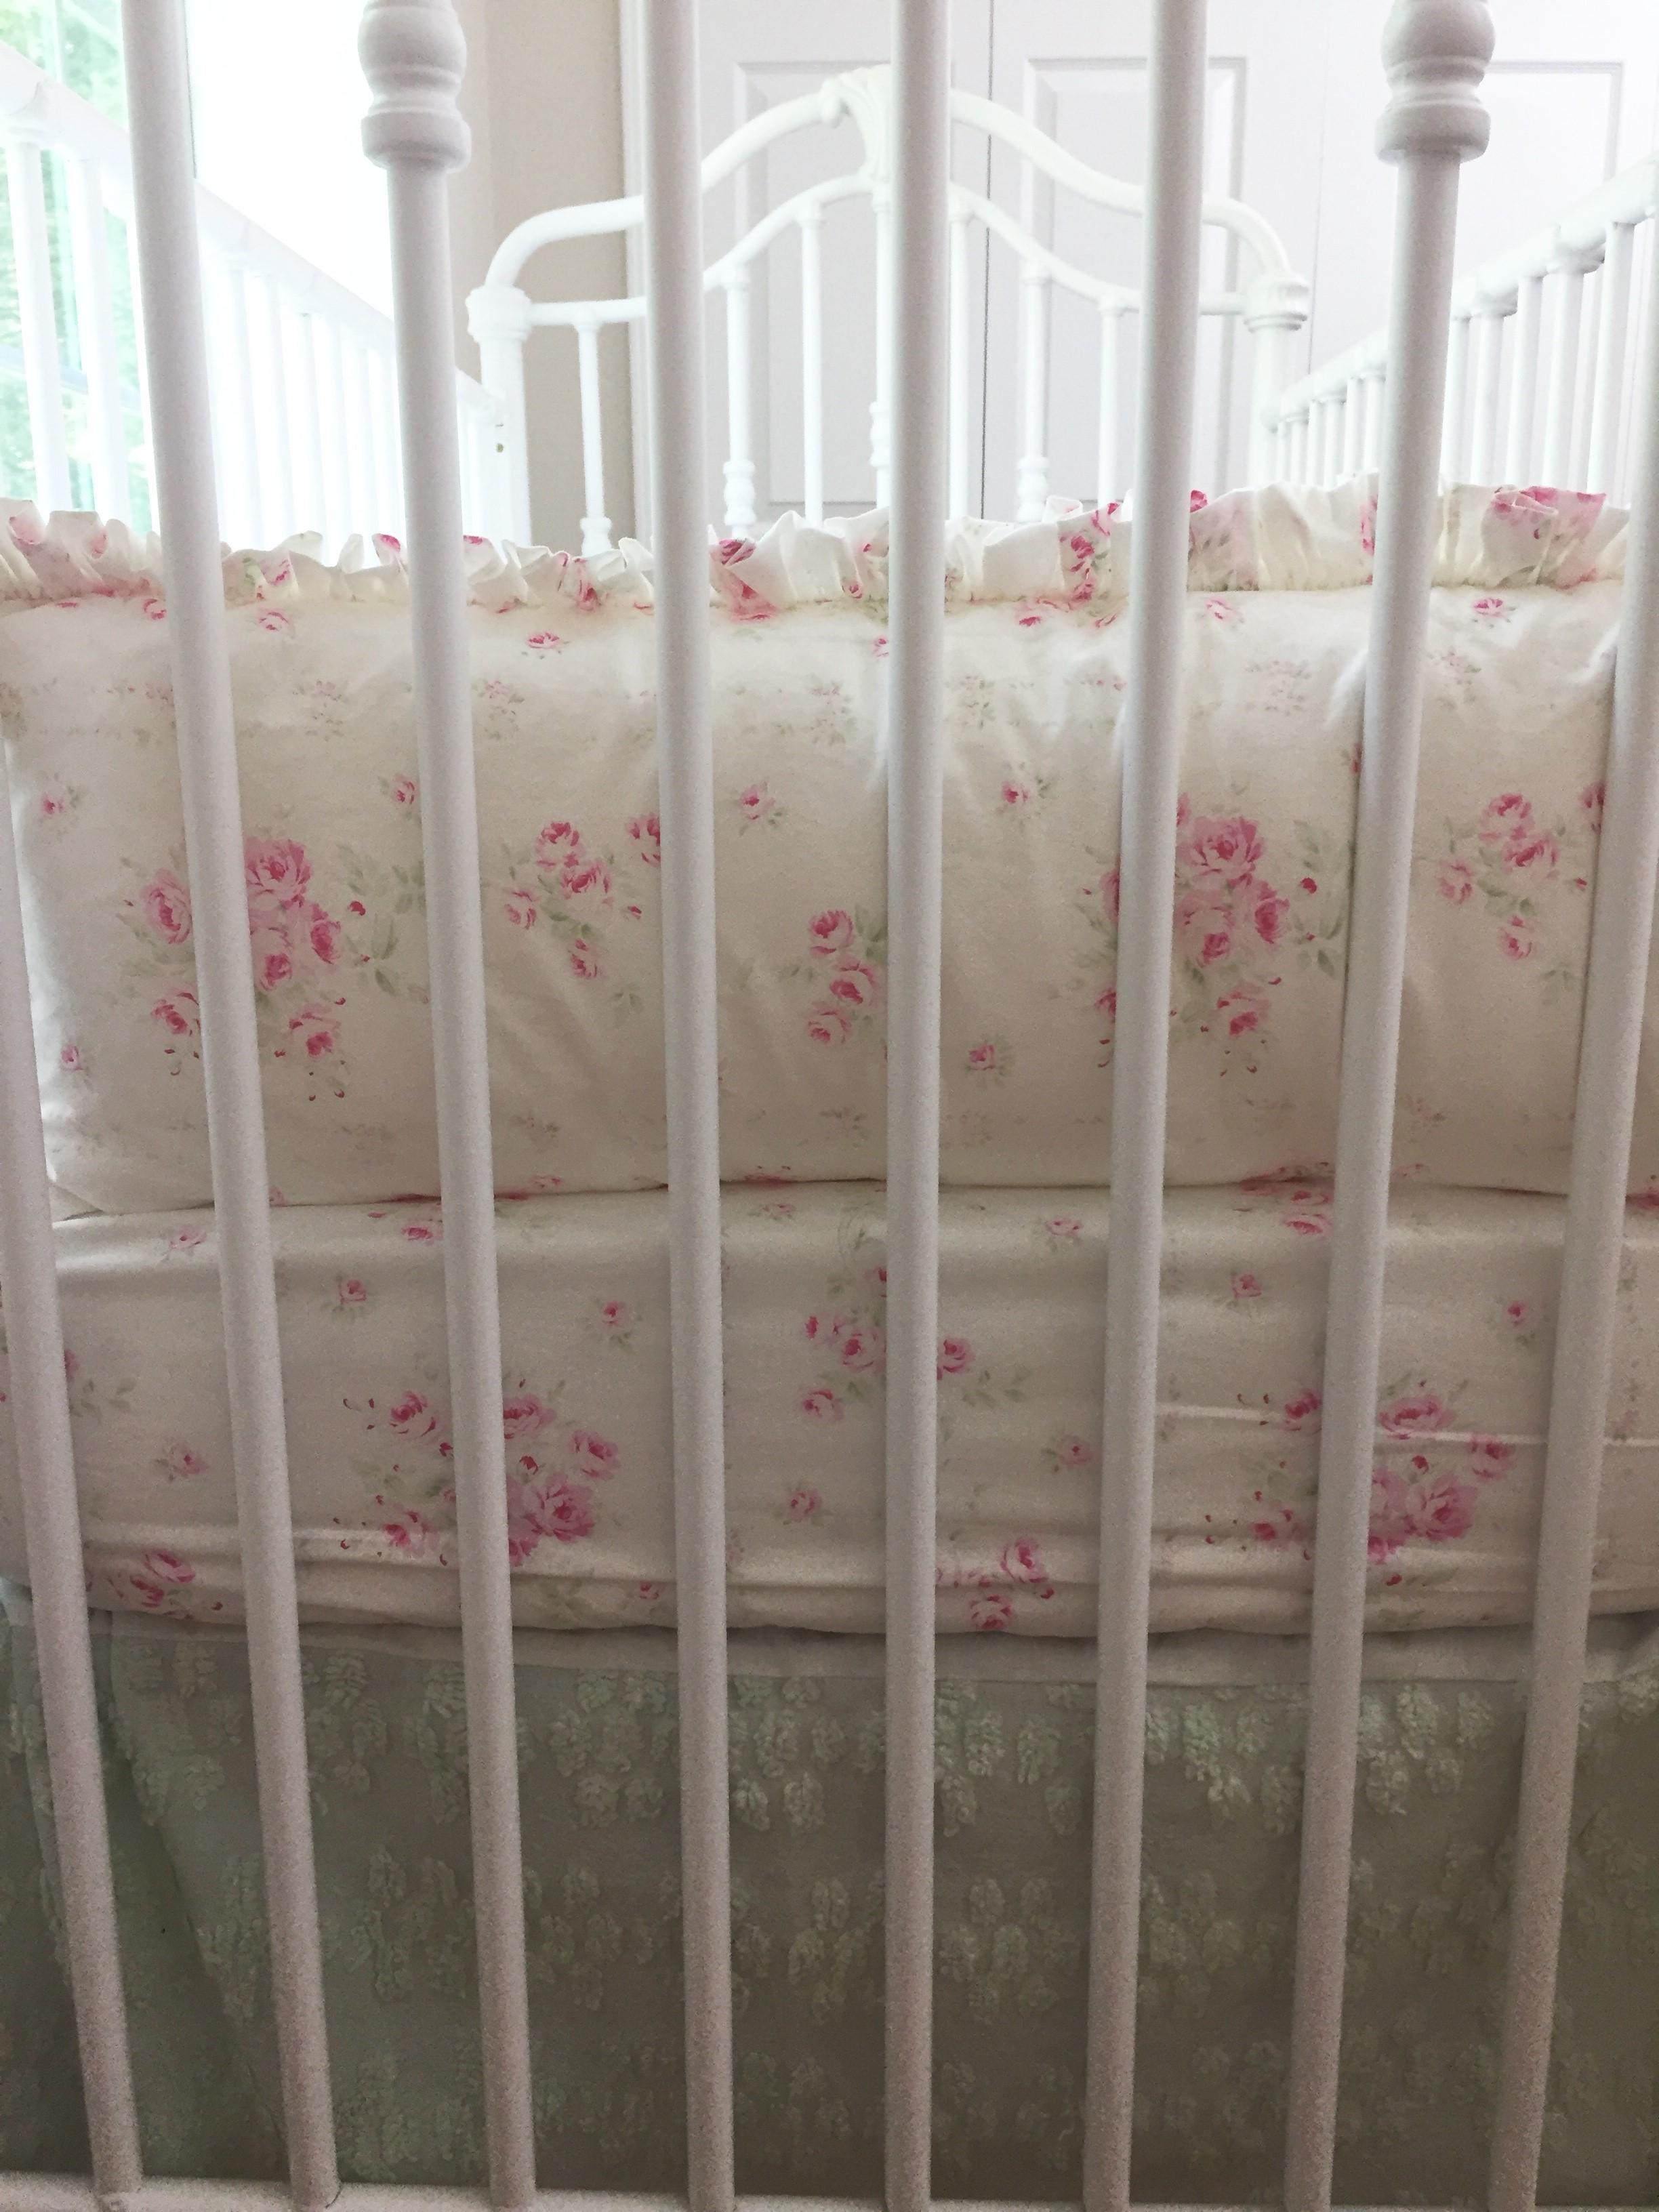 Crib Bedding Set - Shabby Sweet Angel Roses with Mint Chenille Skirt Set #2